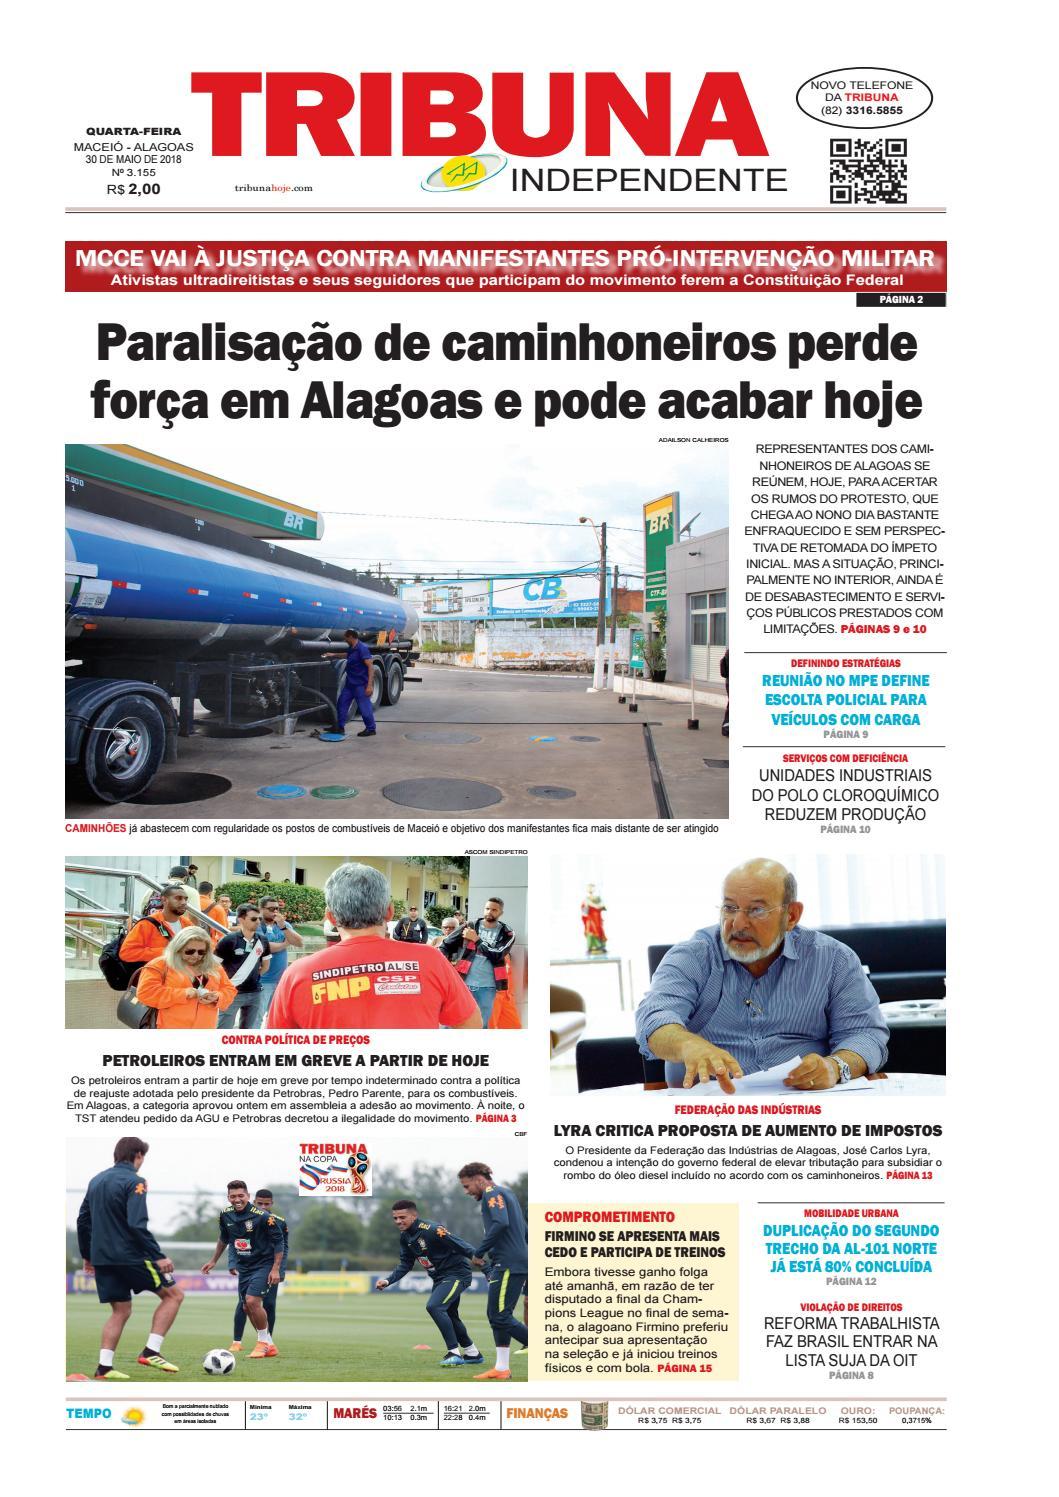 079a71003d Edição número 3155 - 30 de maio de 2018 by Tribuna Hoje - issuu